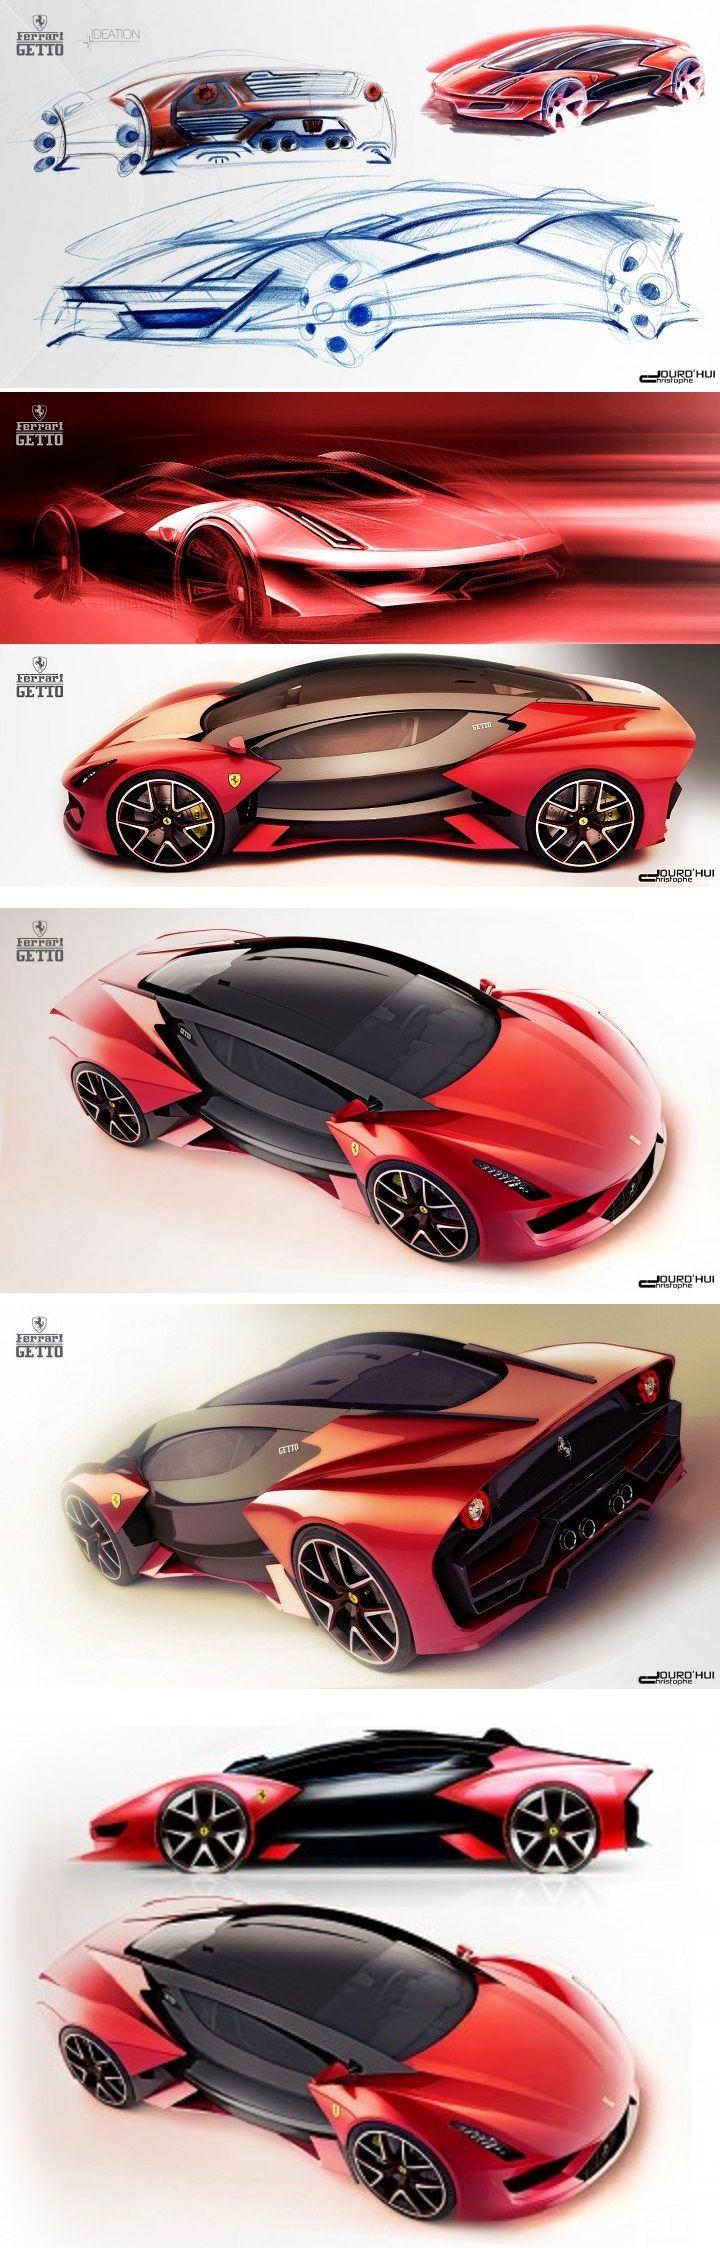 Ferrari Getto Concept Car